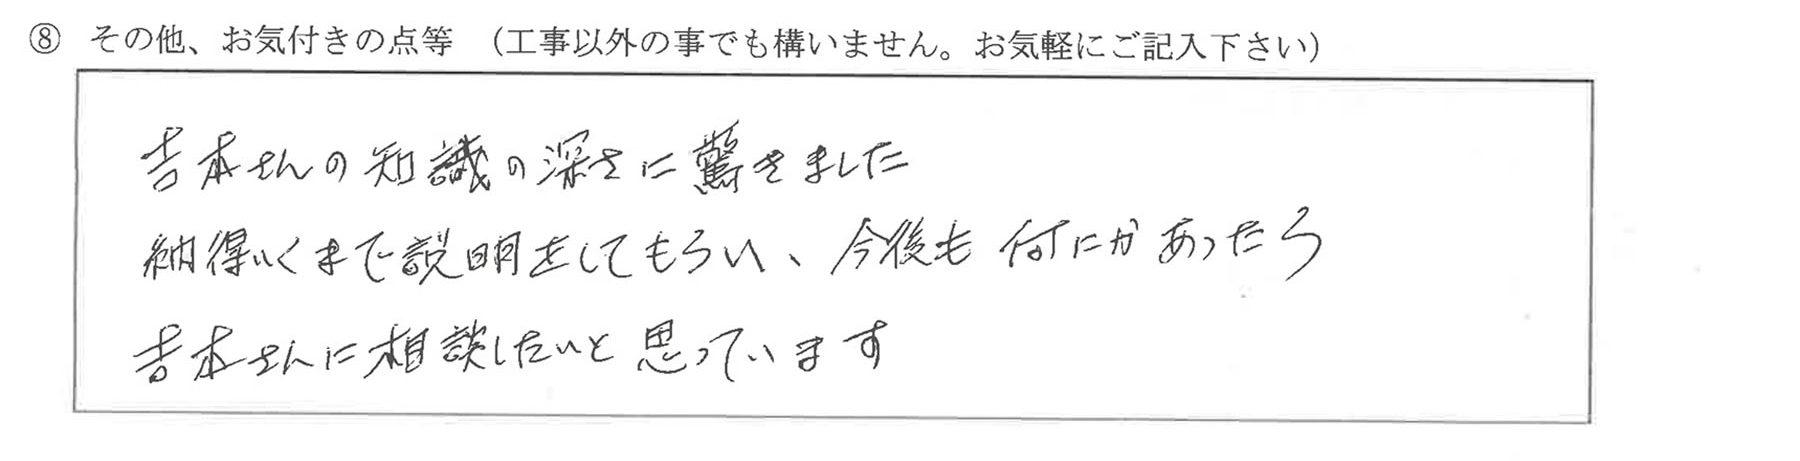 富山県滑川市N様に頂いた換気扇交換工事についてのお気づきの点がありましたら、お聞かせ下さい。というご質問について「換気扇交換工事【お喜びの声】」というお声についての画像